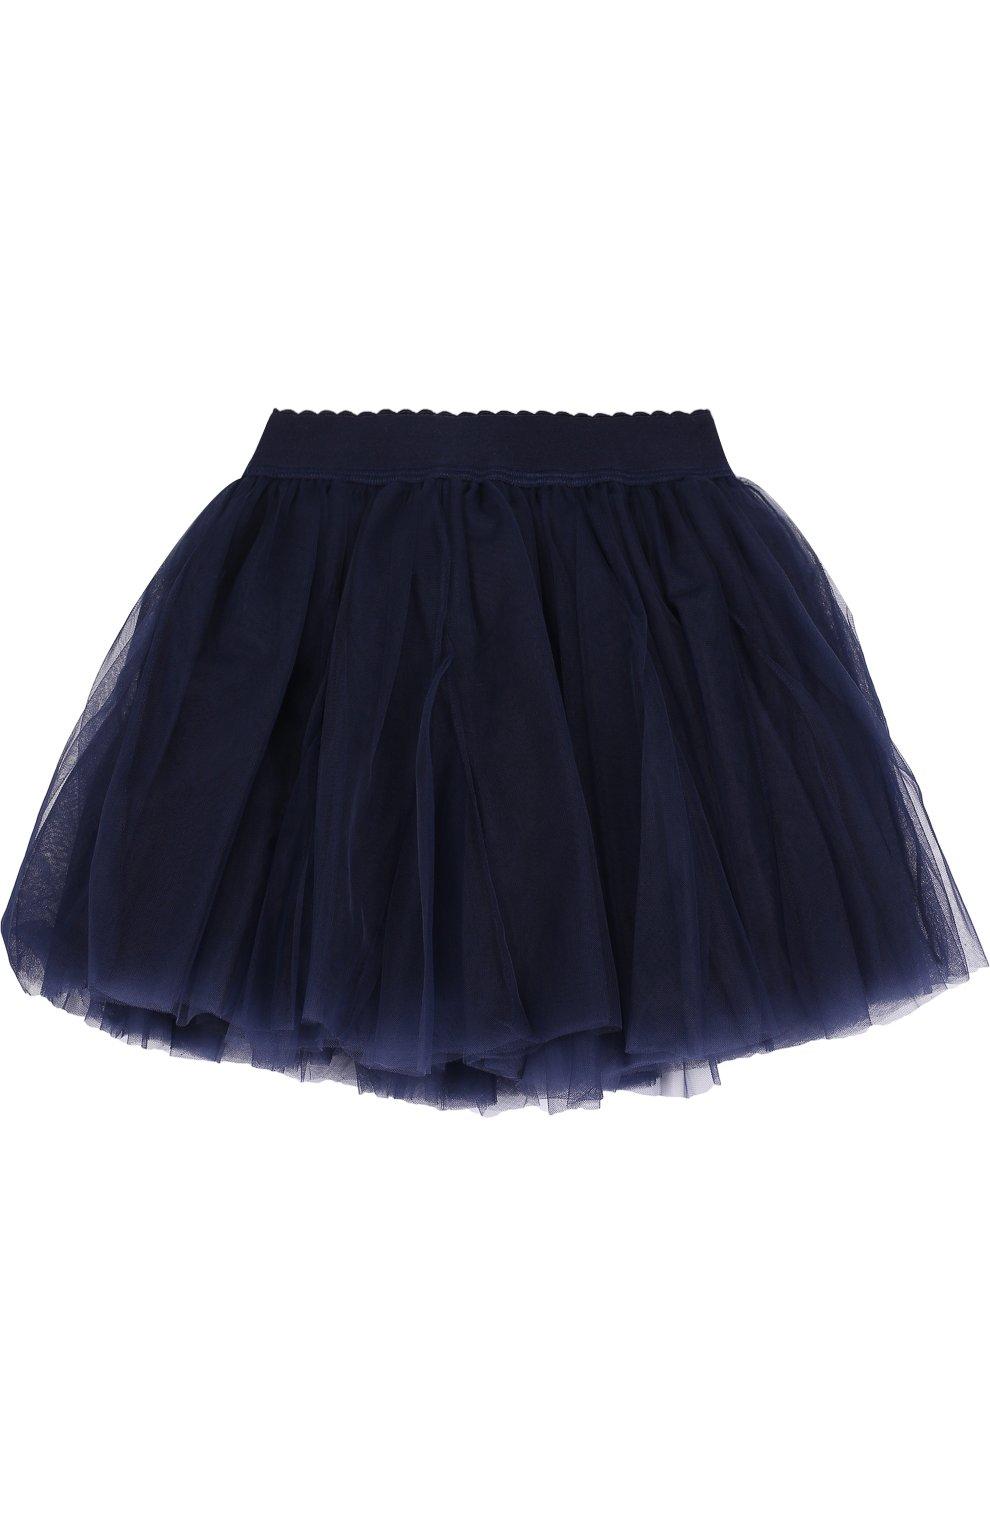 Многослойная мини-юбка с эластичным поясом   Фото №1